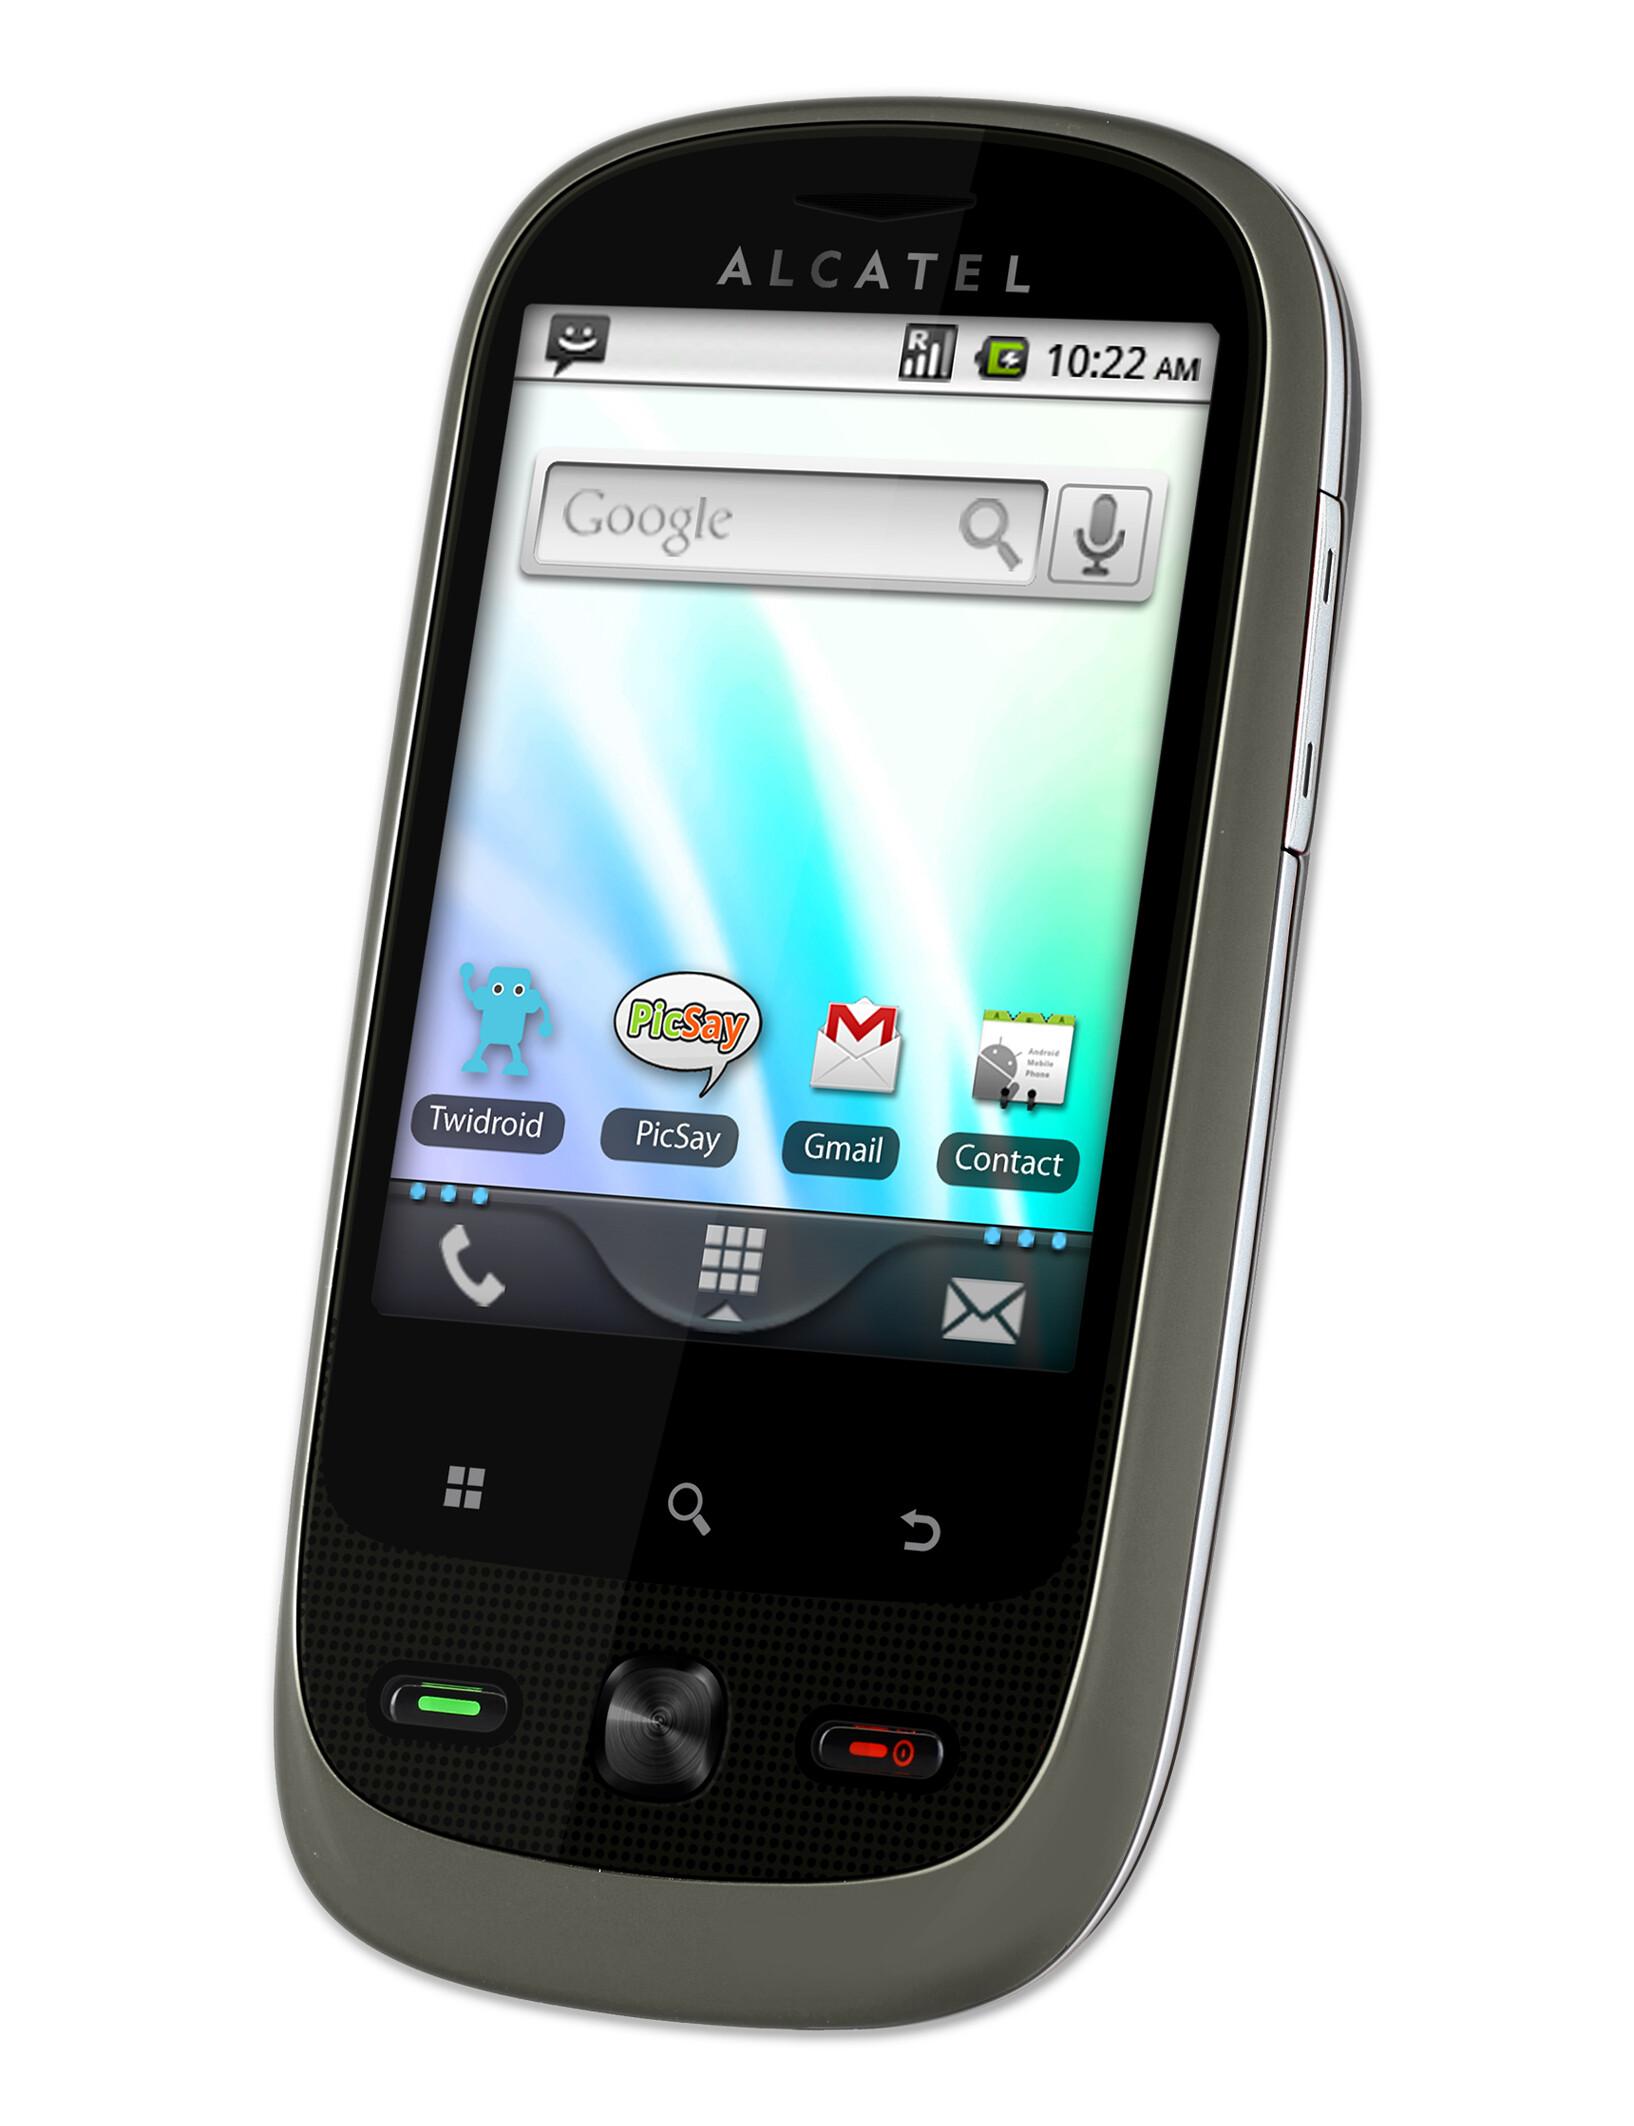 Alcatel Ot 890 Specs